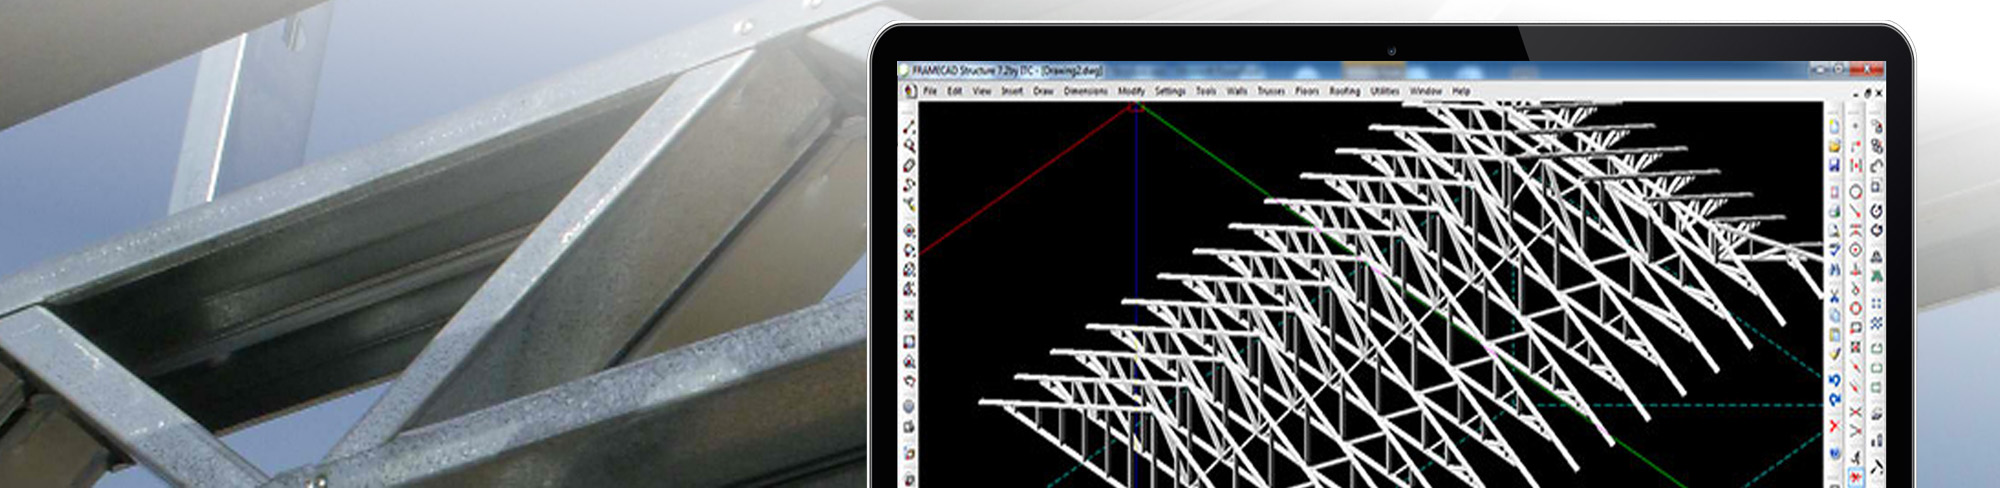 FrameCAD_Slide_1.jpg